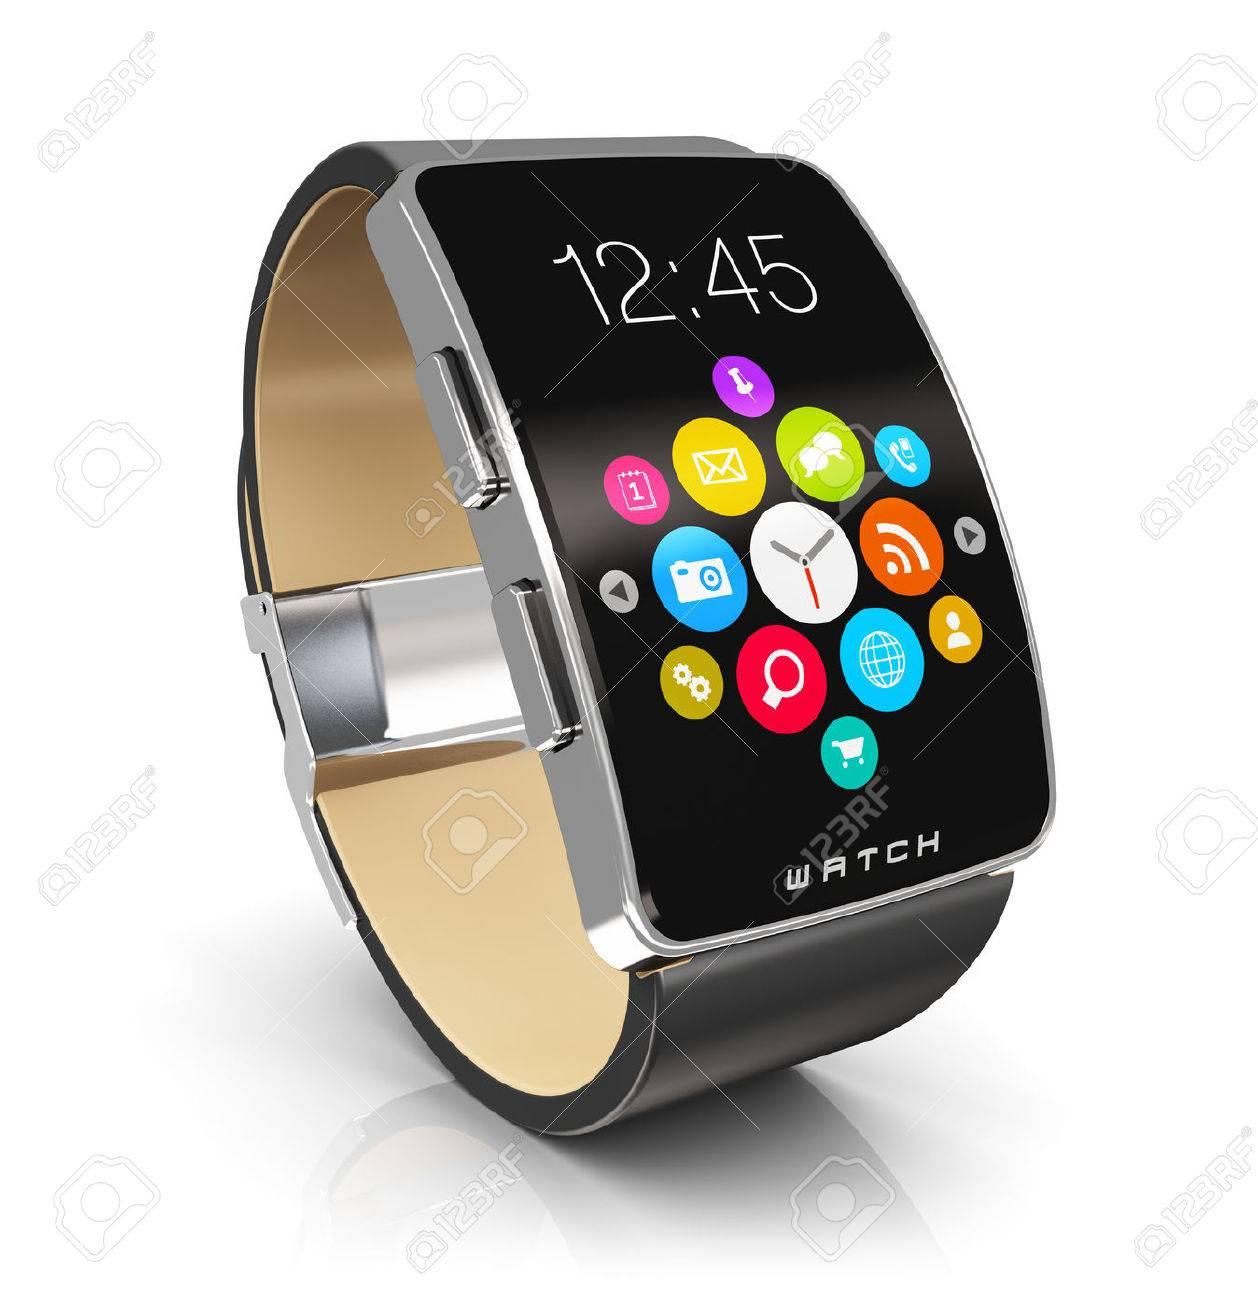 diseño atemporal cb1ca 01efb Movilidad creativa de negocios abstracto y moderno concepto de tecnología  dispositivo portátil móvil: reloj inteligente digital o reloj con interfaz  ...